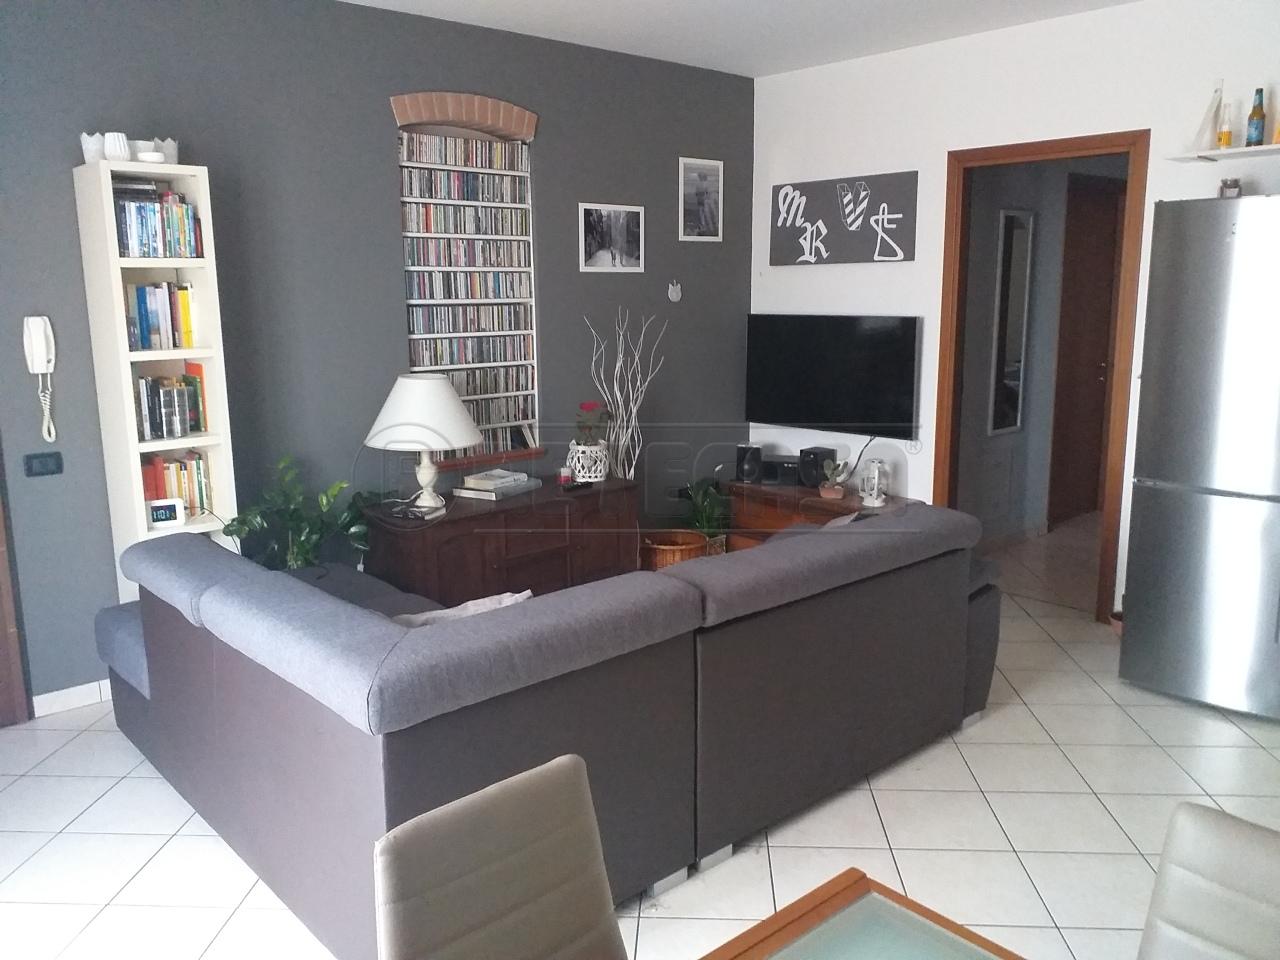 Appartamento in vendita a Bagnolo San Vito, 4 locali, prezzo € 83.000 | CambioCasa.it